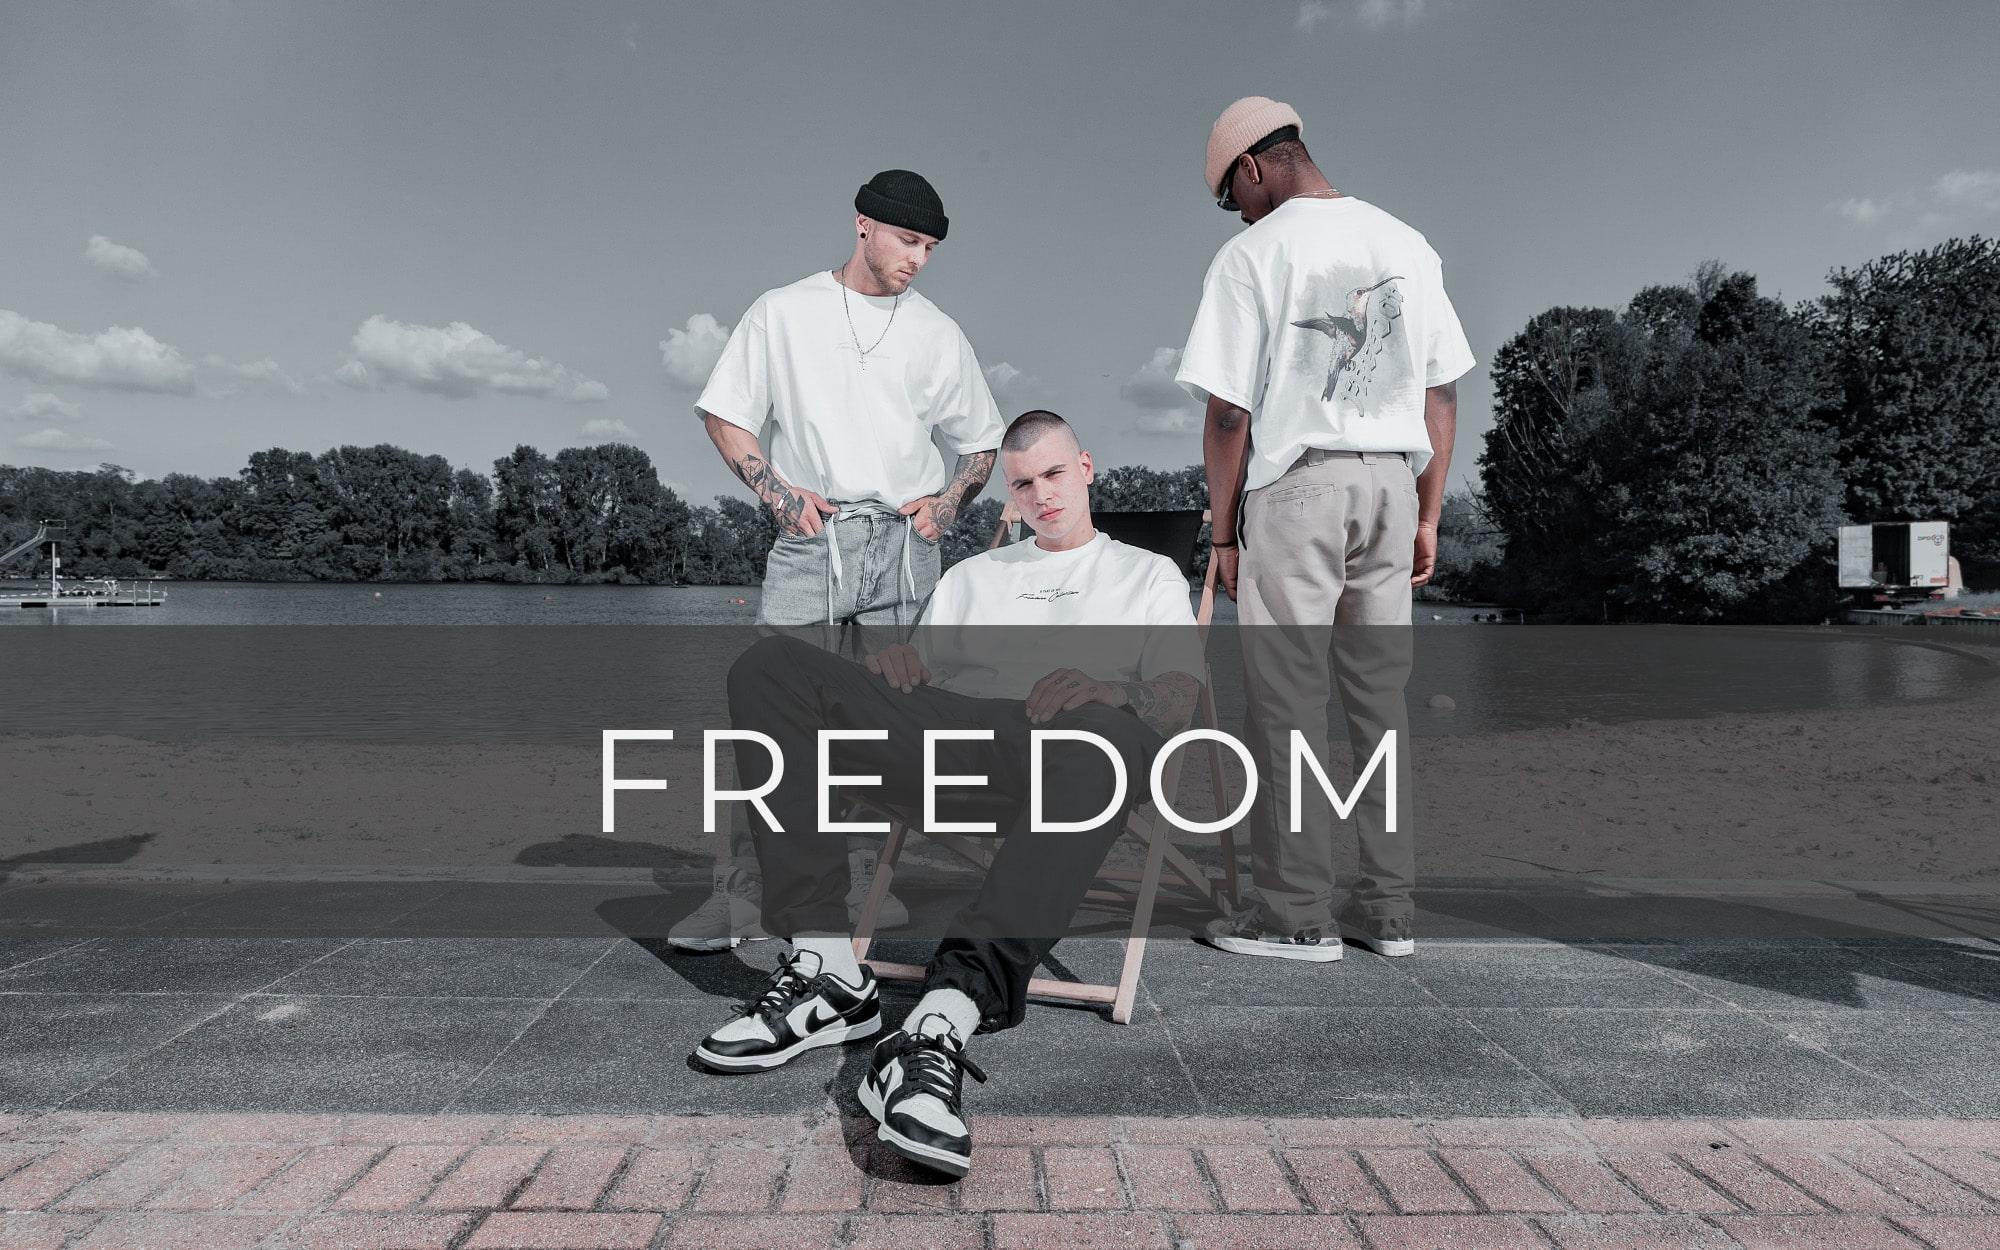 Freedom - Lookbook - Image